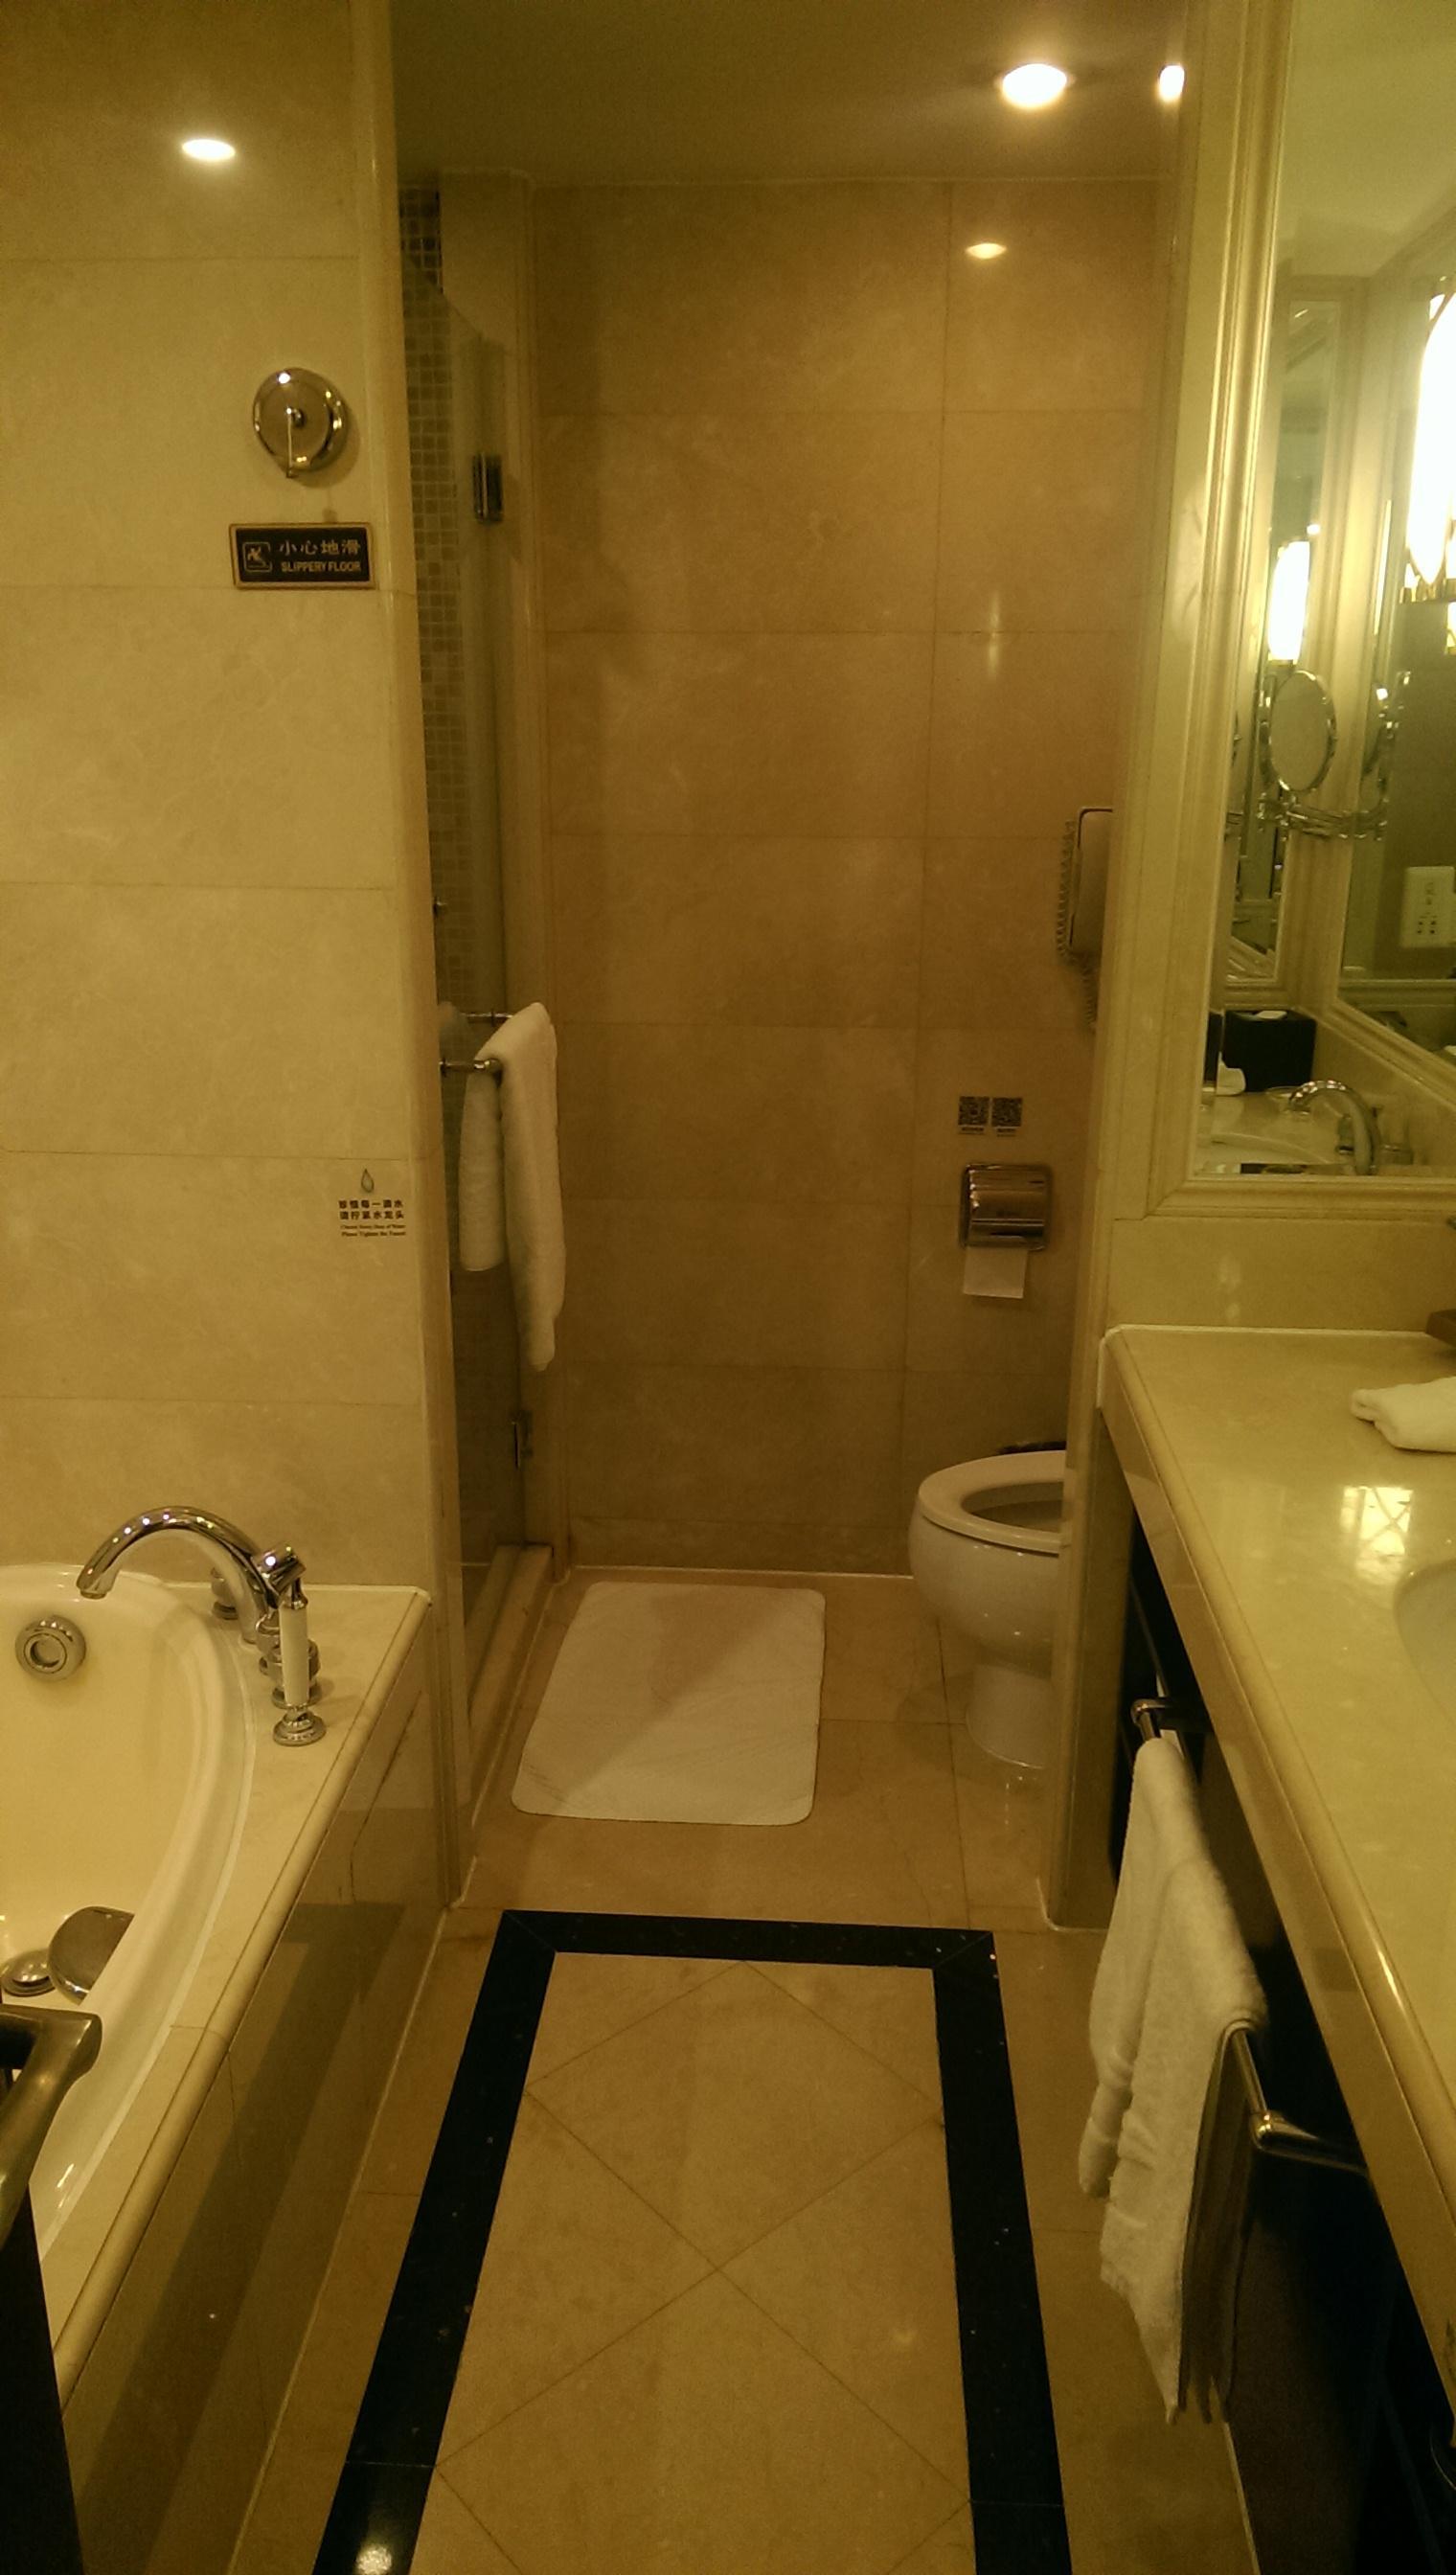 Huafang Jinling International Hotel Zhangjiagang: 2019 Room Prices